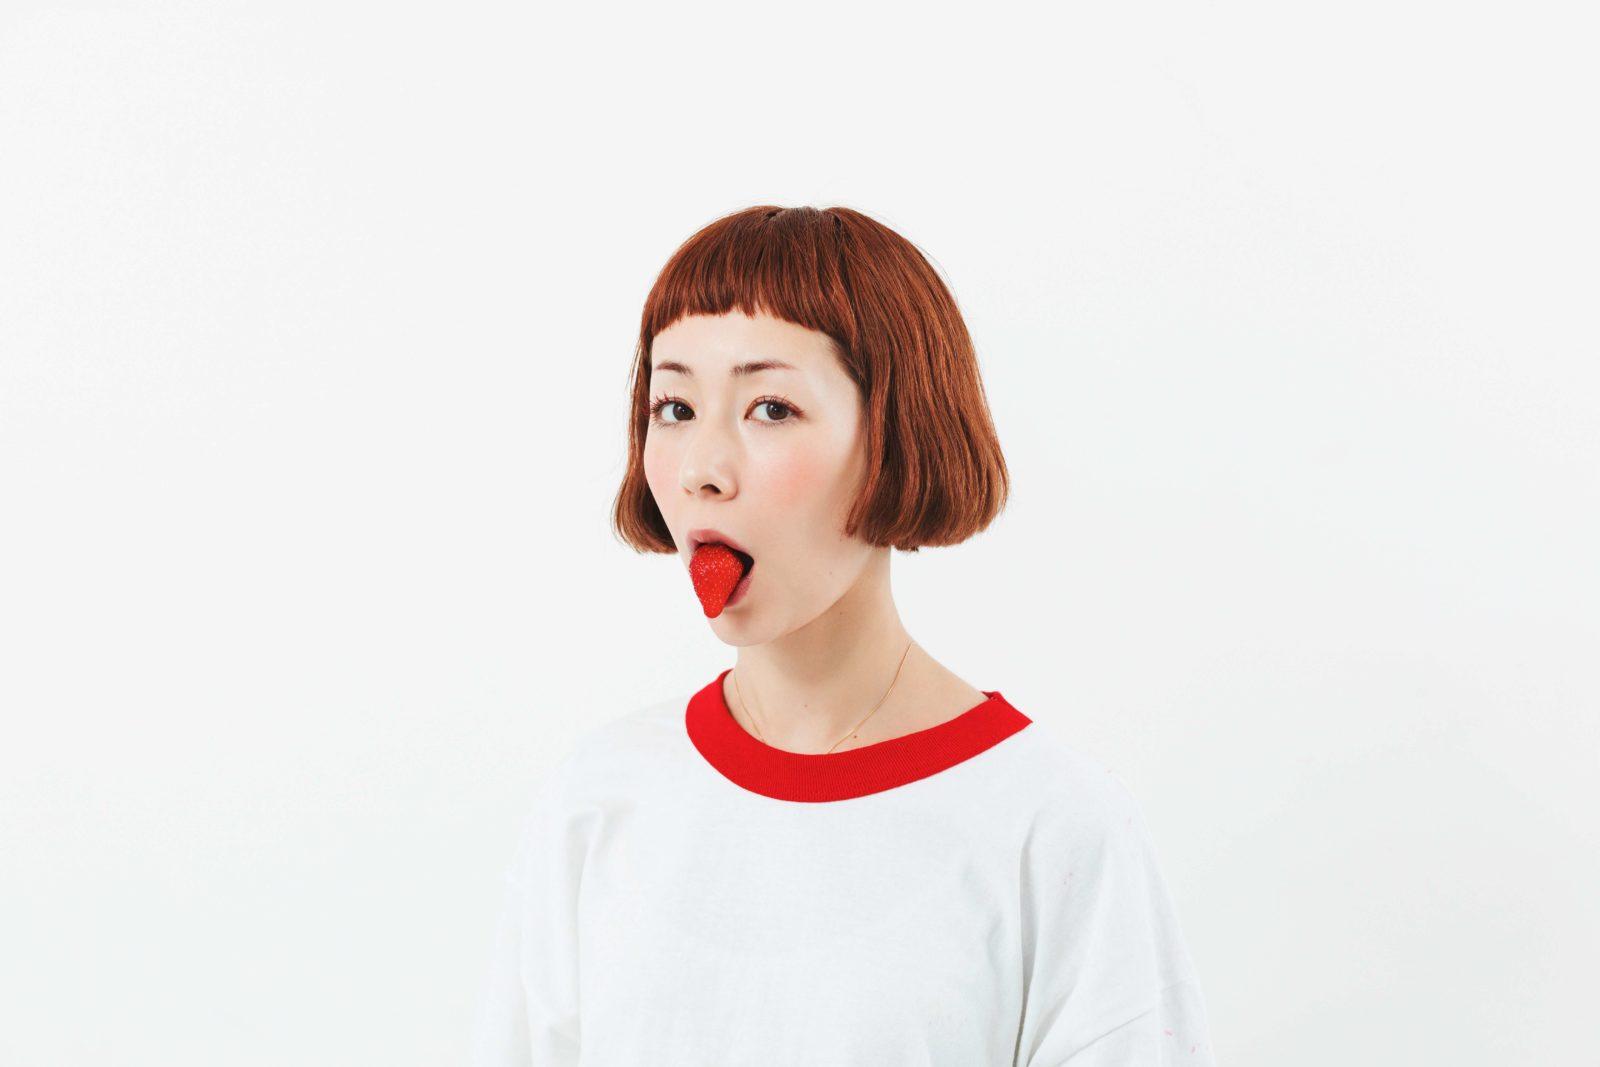 """木村カエラ、""""ご近所さん""""くりぃむ上田の「めっちゃかっこいい」対応を明かすサムネイル画像"""